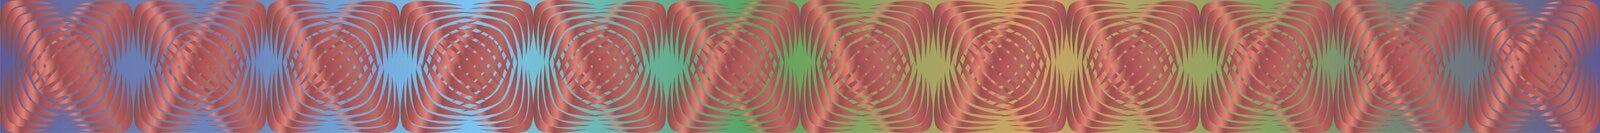 Geometrische patronen met gradiëntvulling 9 Stock Foto's